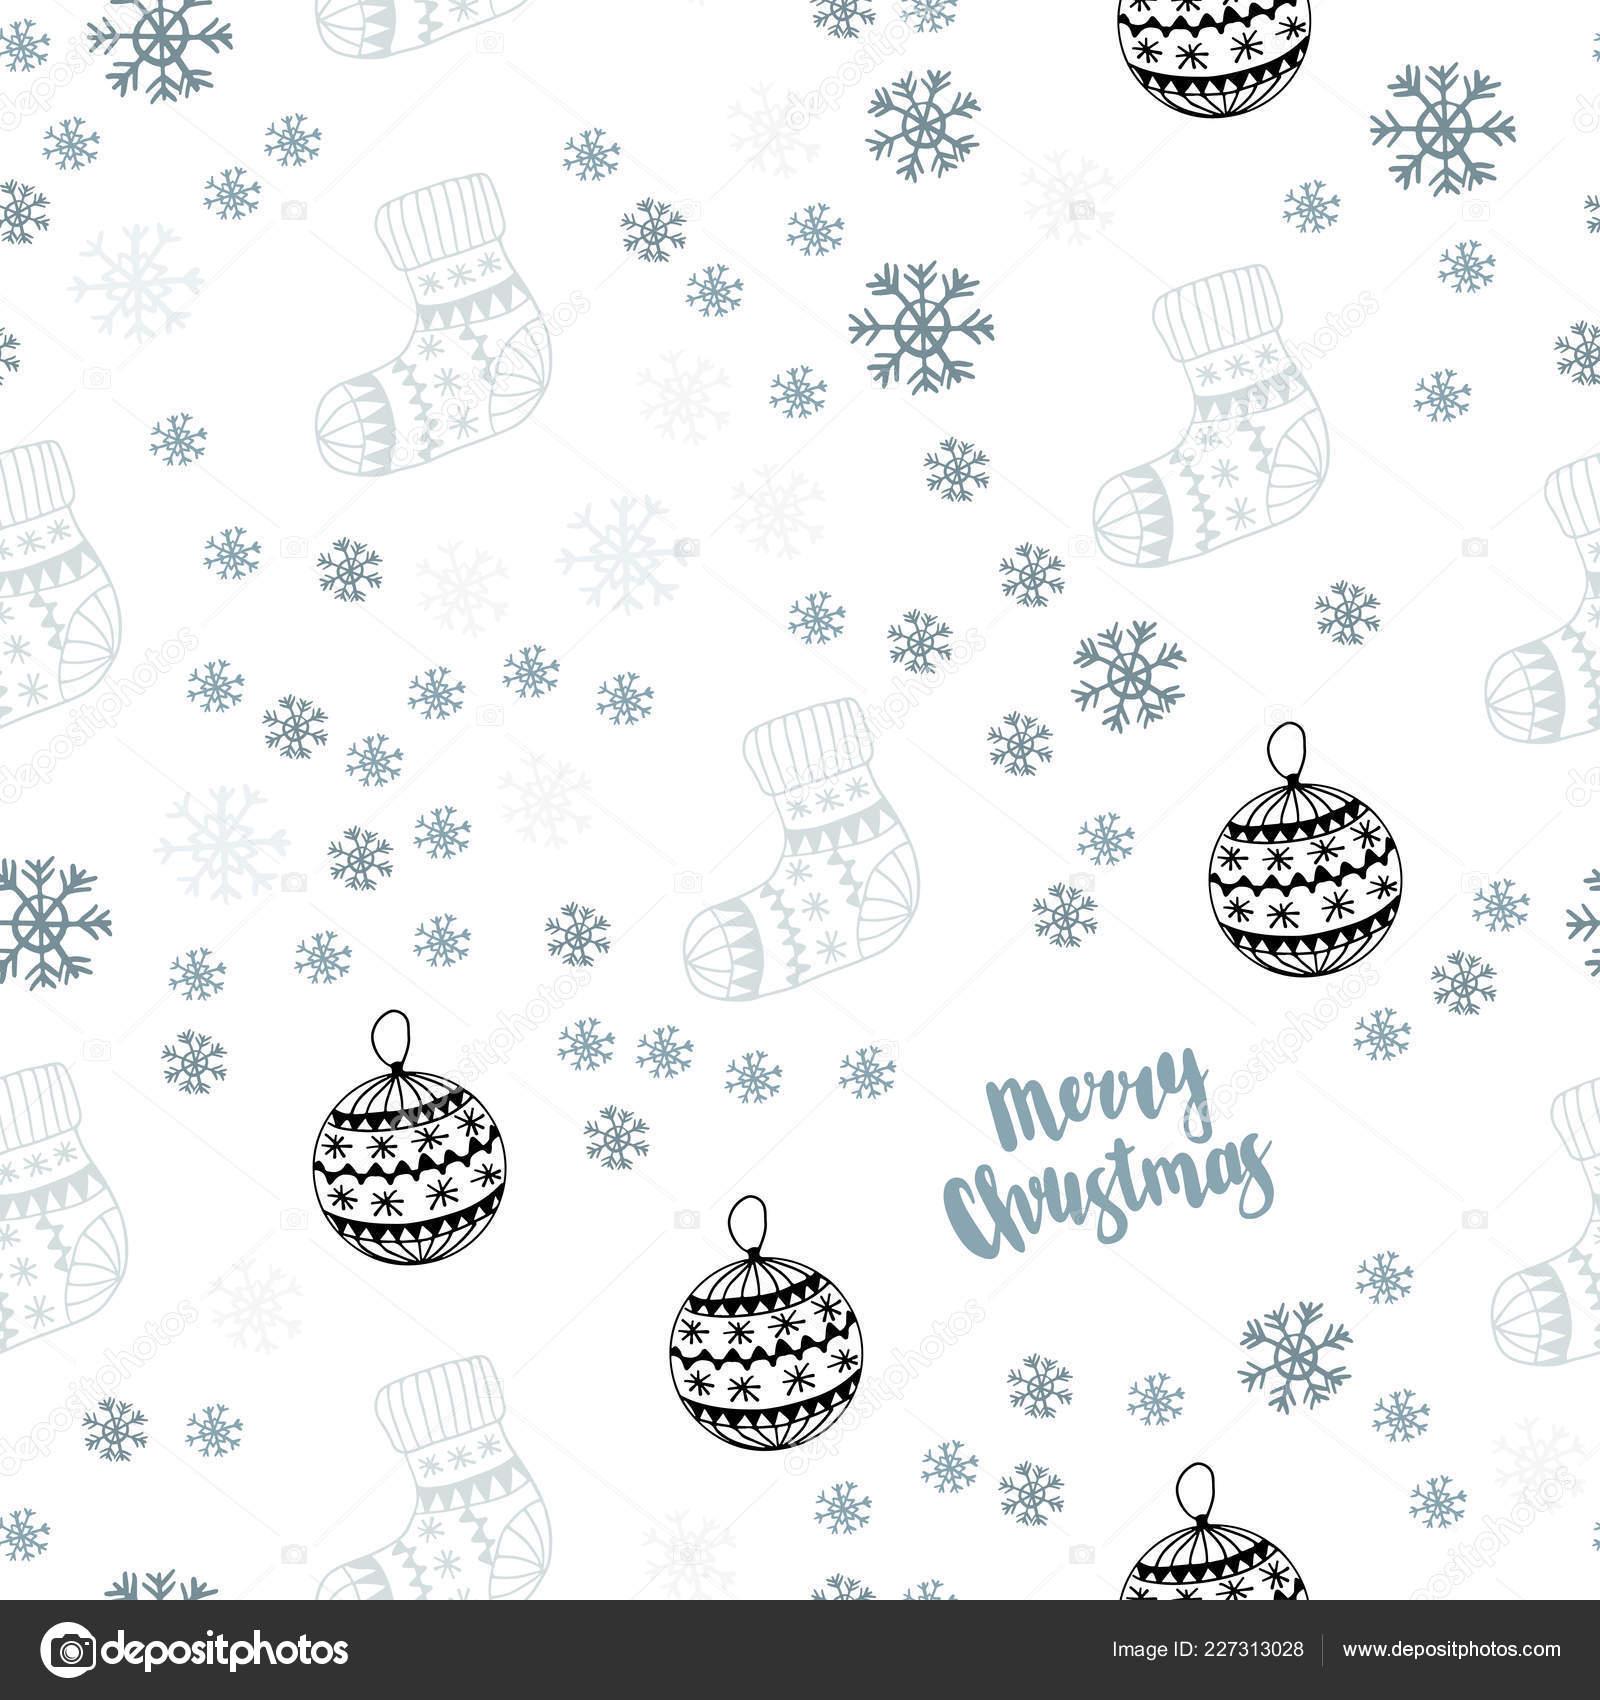 Avec Des Flocons De Neige Lumineux Balles Chaussettes Mitaines Brillante Illustration Coloree Dans Le Style Noel Modele Pour Cartes Visite